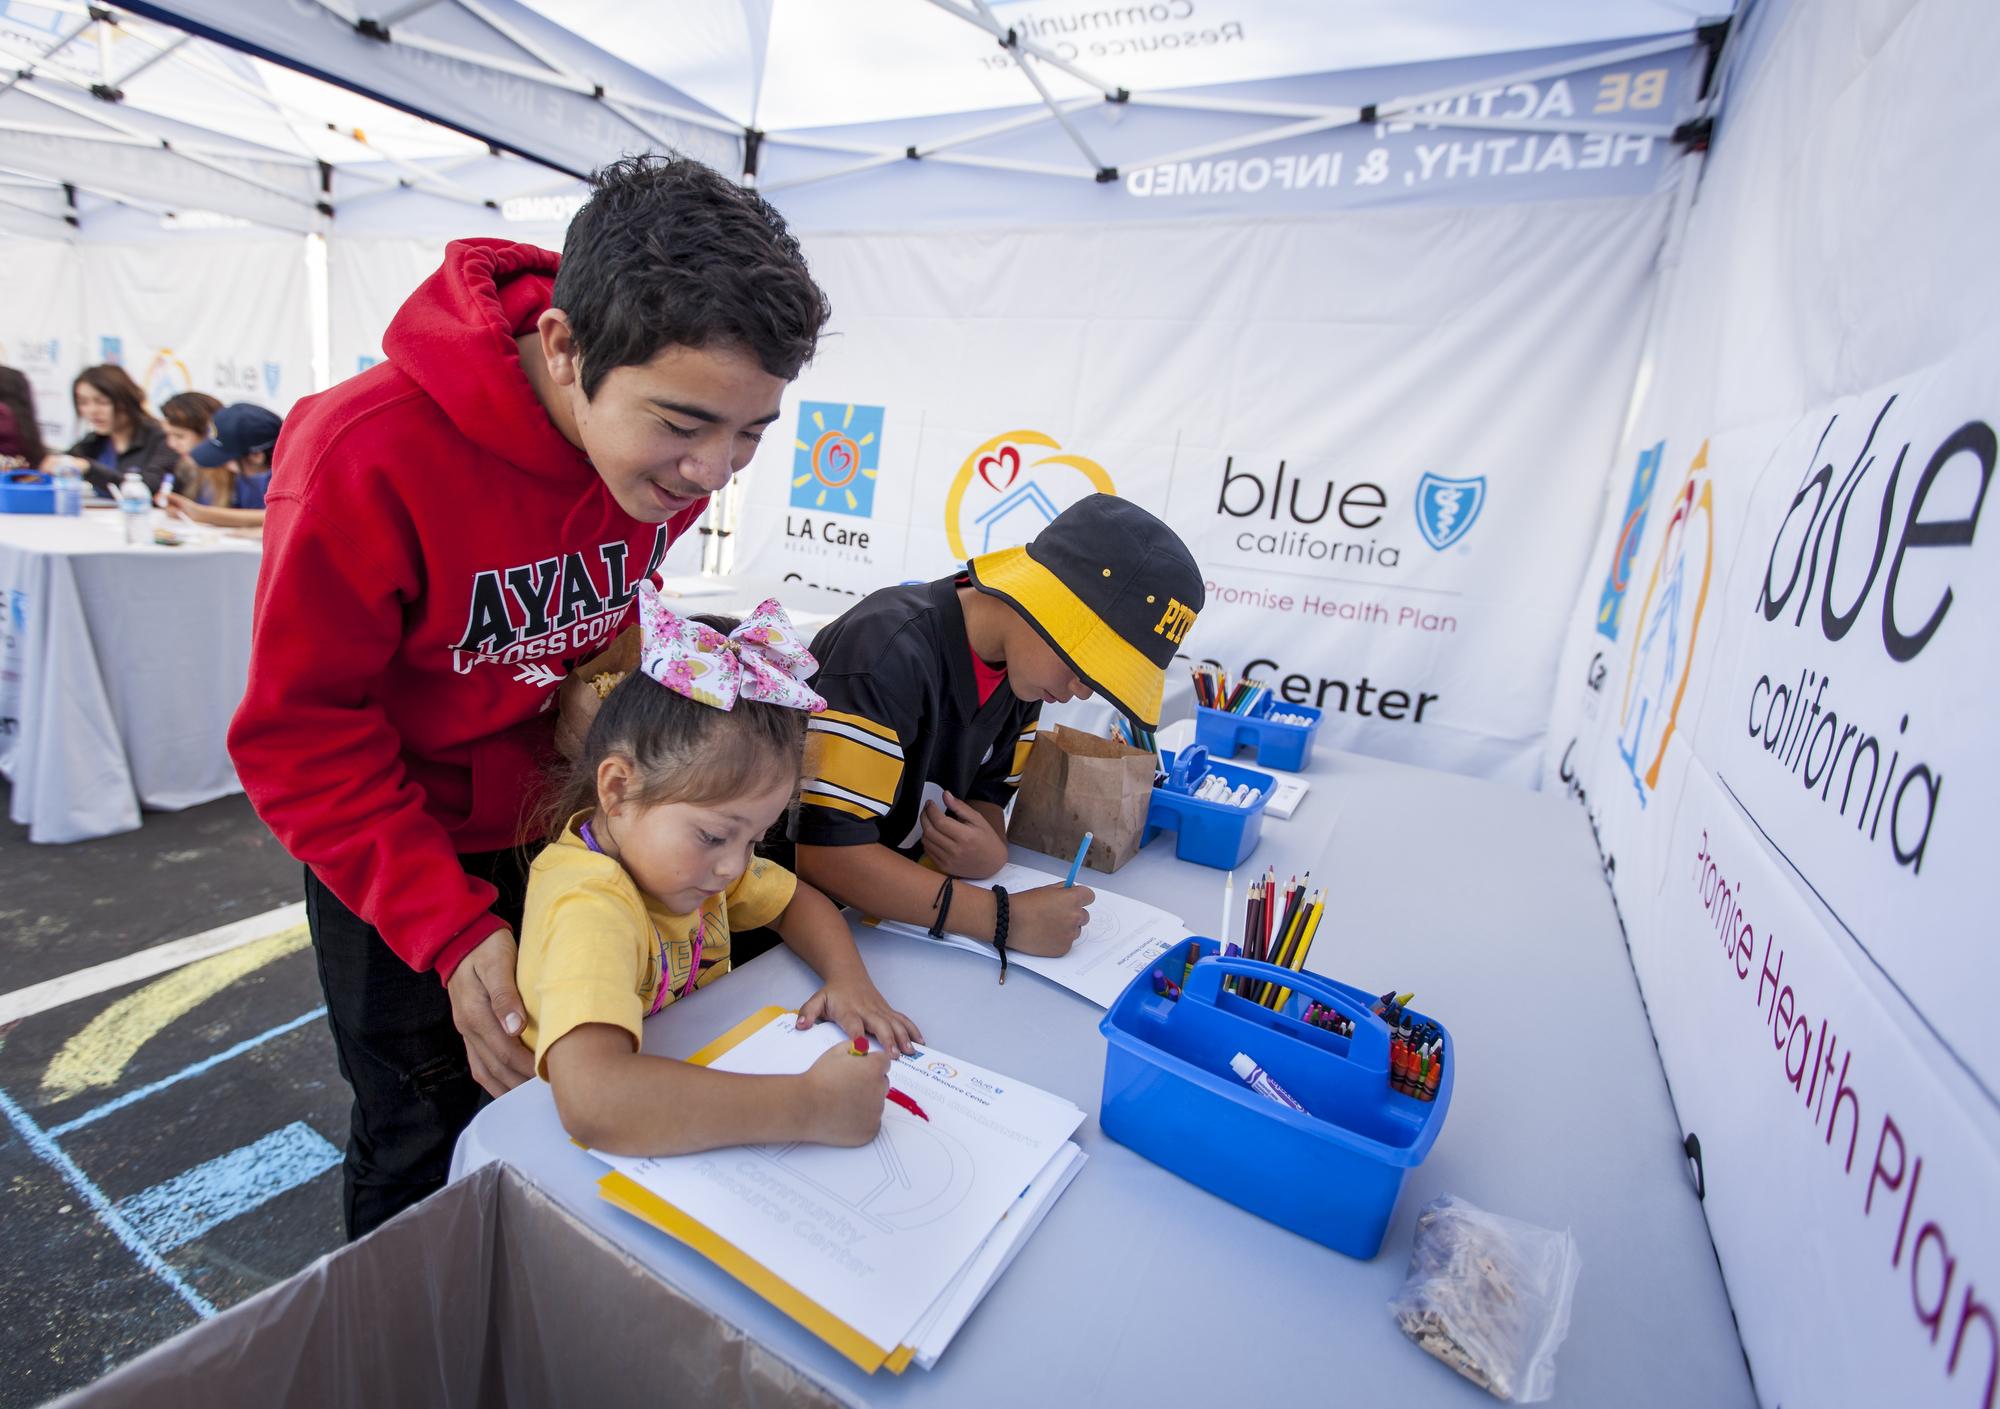 Pomona Community Event Photo 7